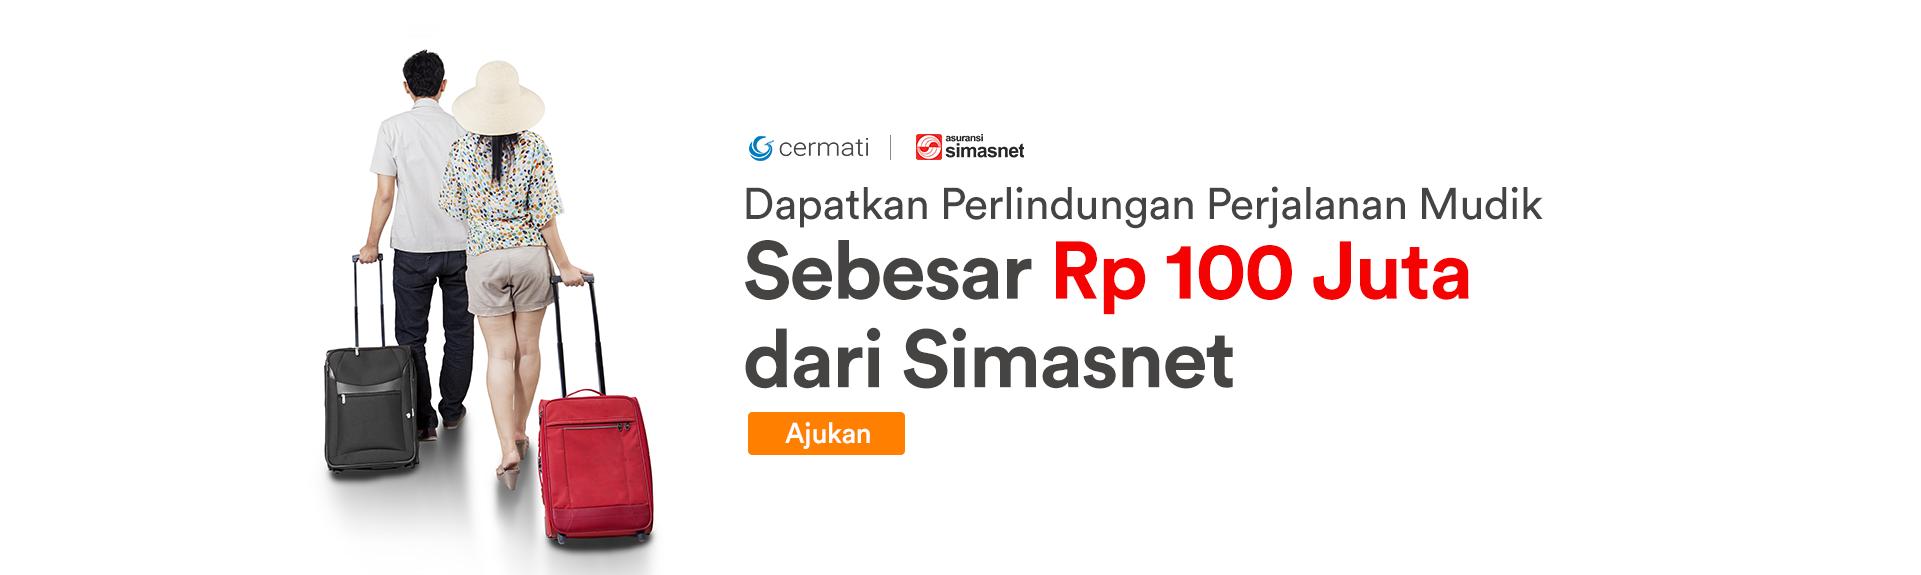 Homepage Sliding - Asuransi Simasnet Mudik 100 juta